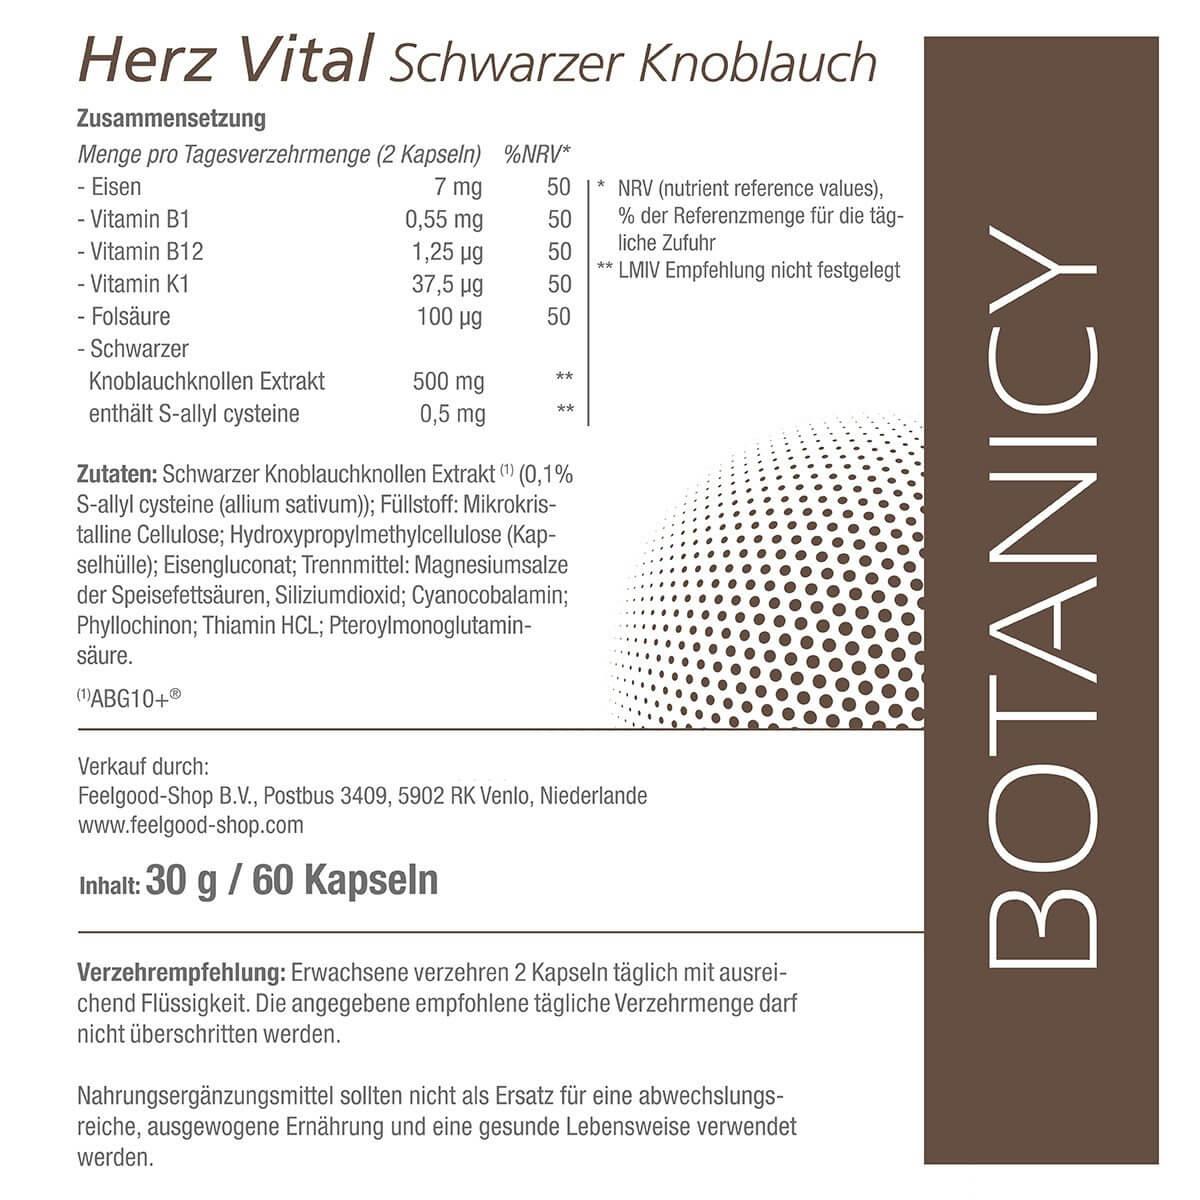 HERZ VITAL - Schwarzer Knoblauch